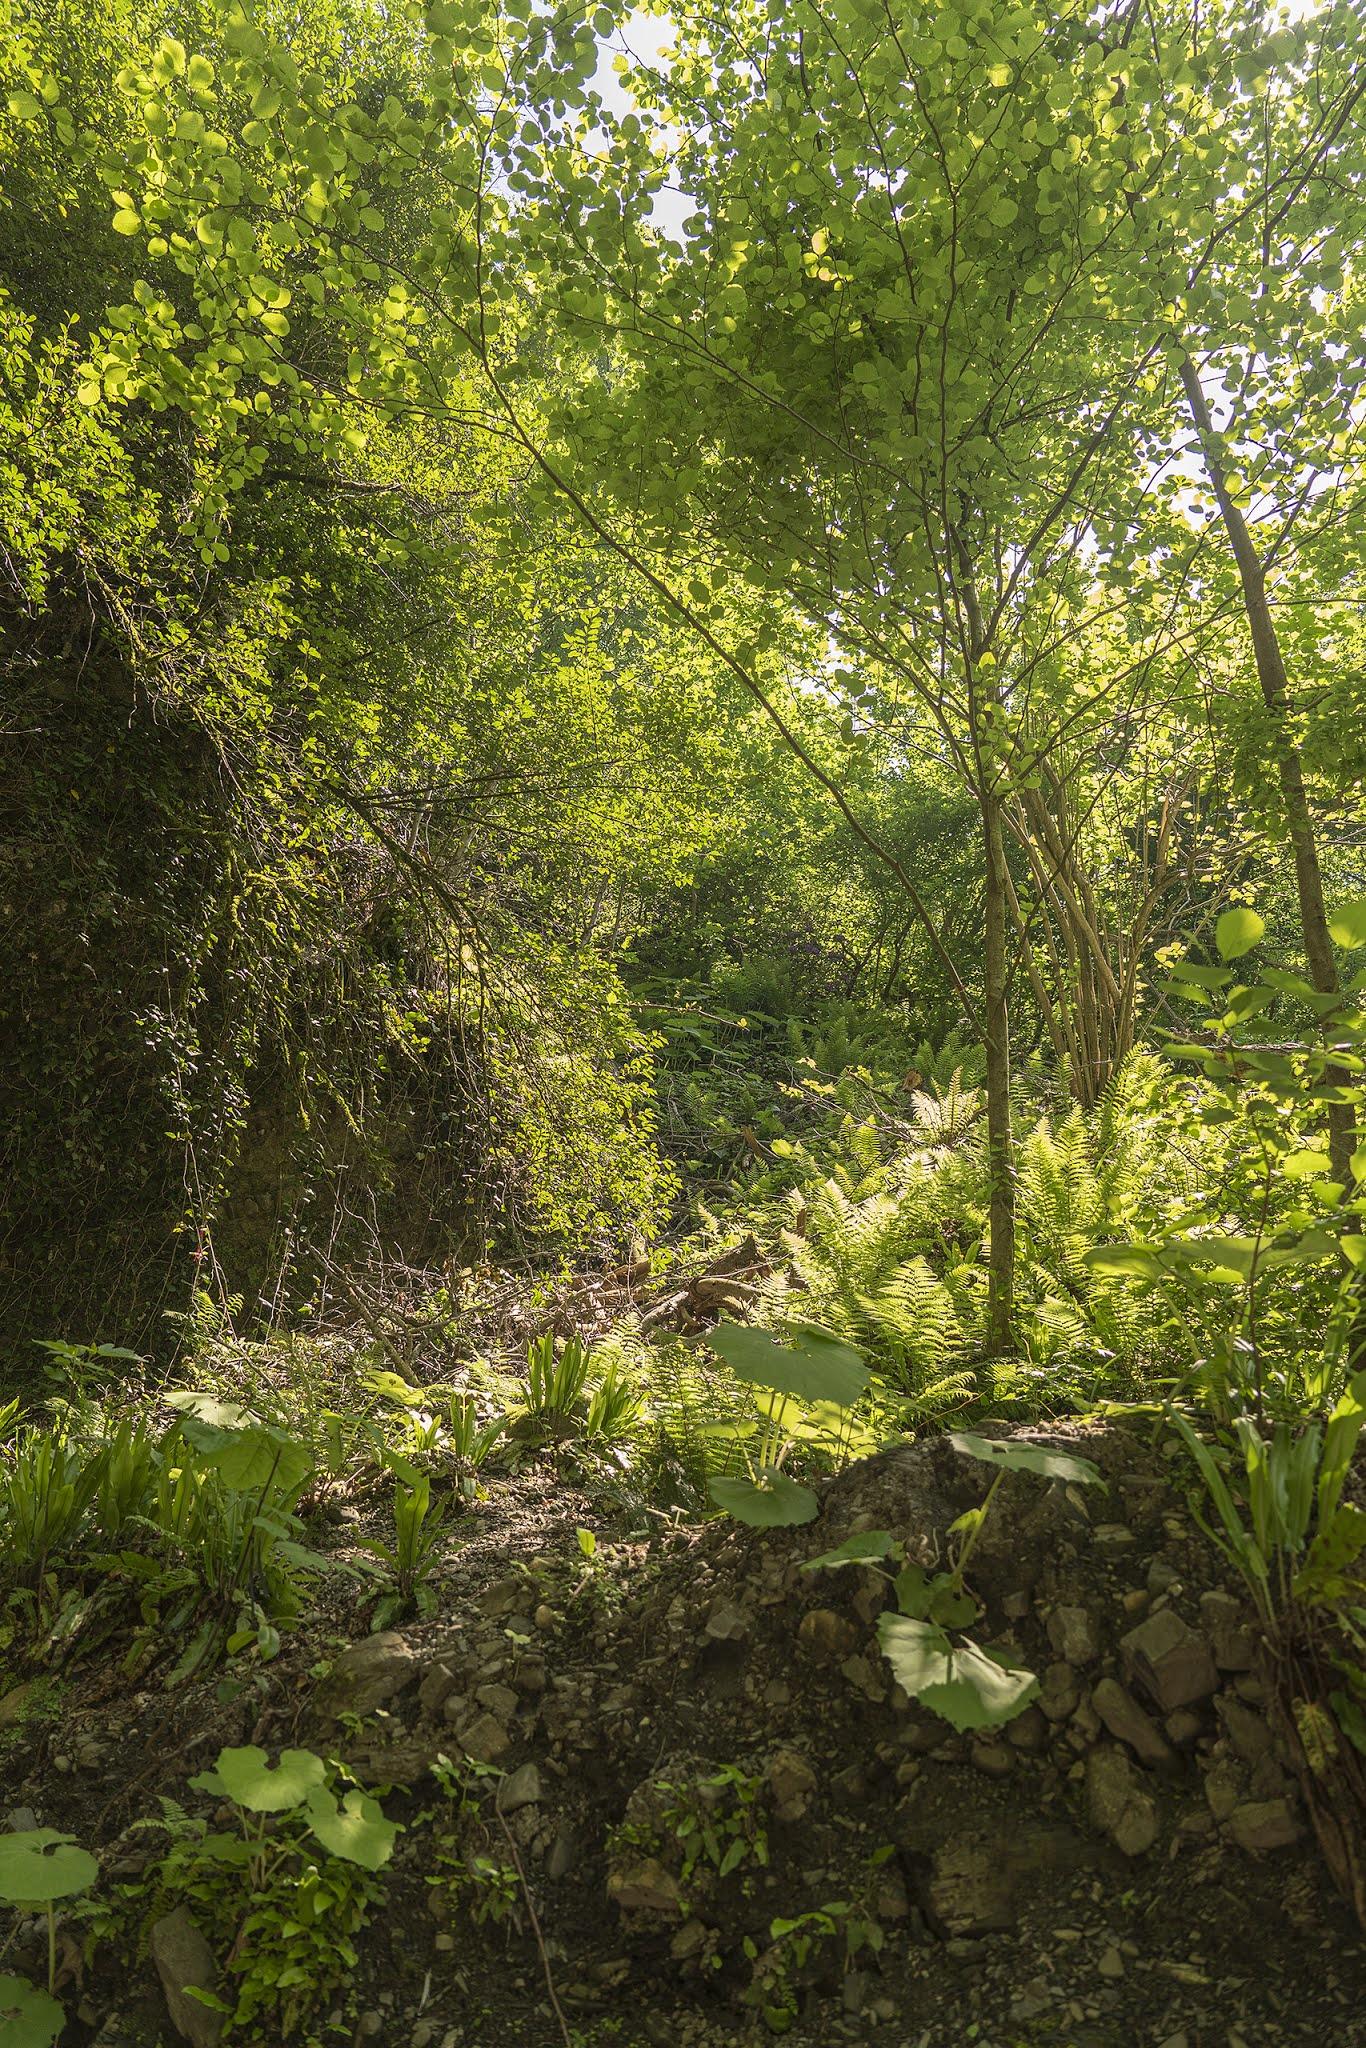 Dagomys forest summer nature foliage photo Igor Novik